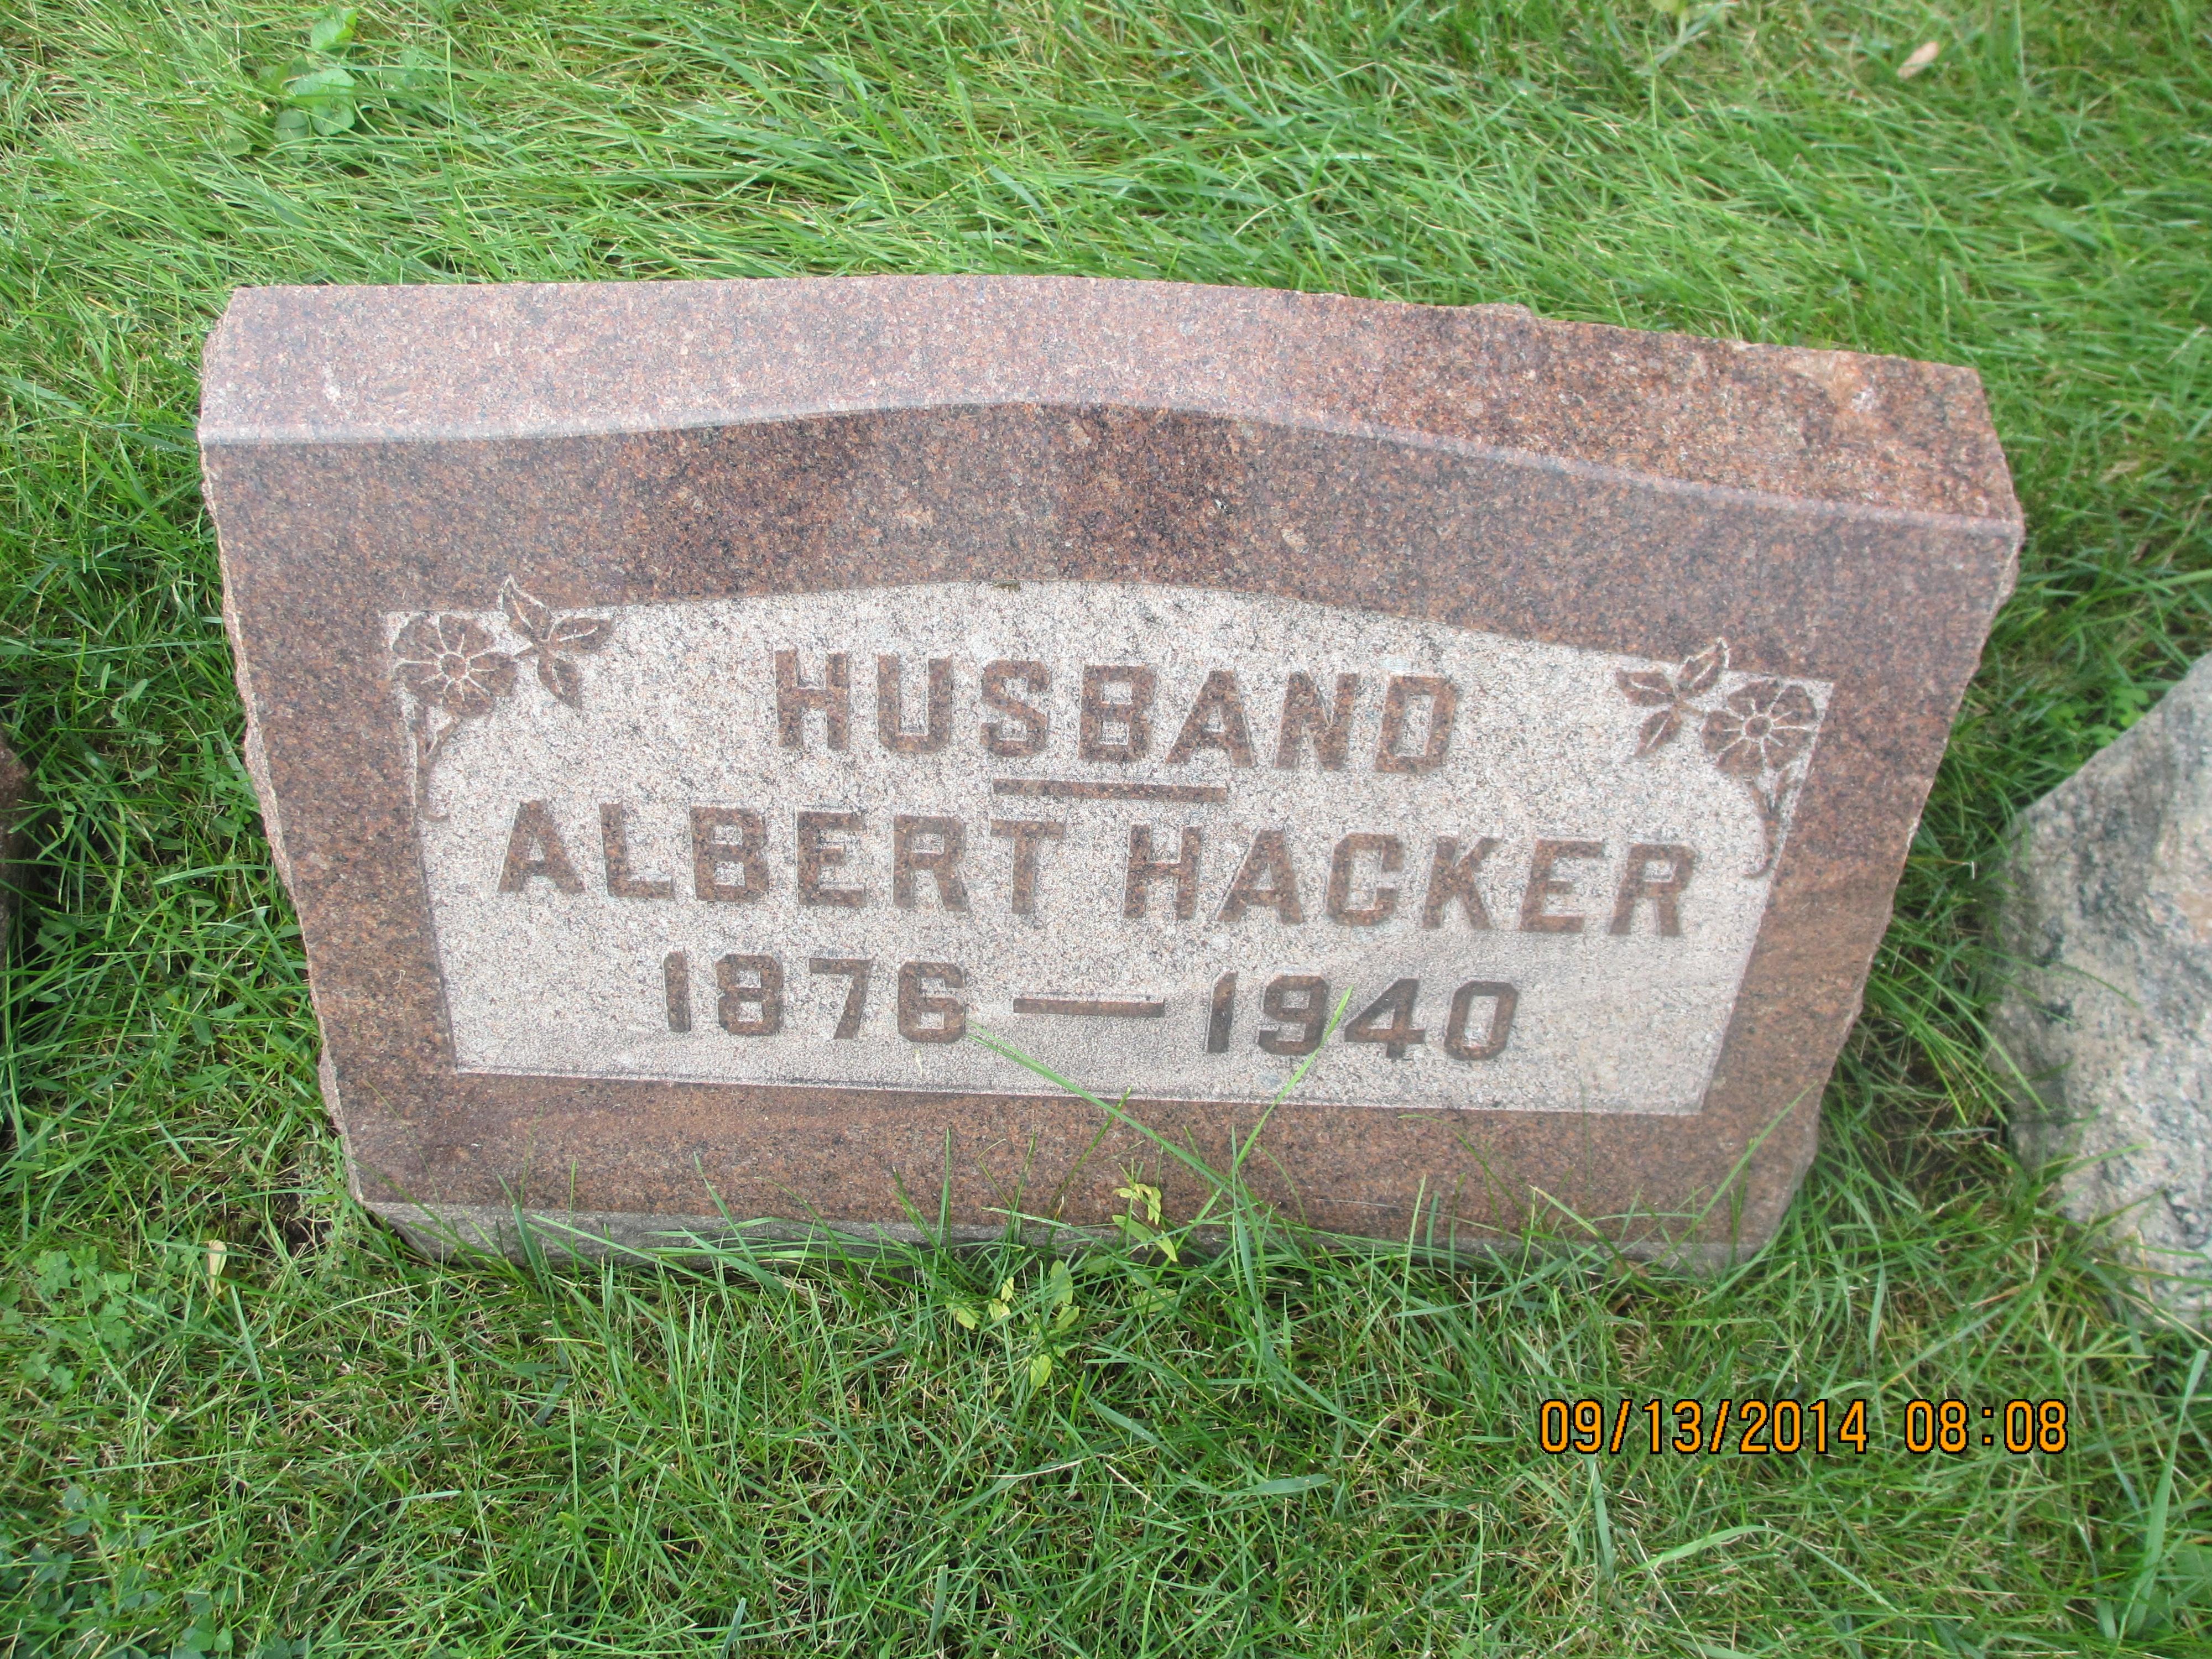 Albert Hacker